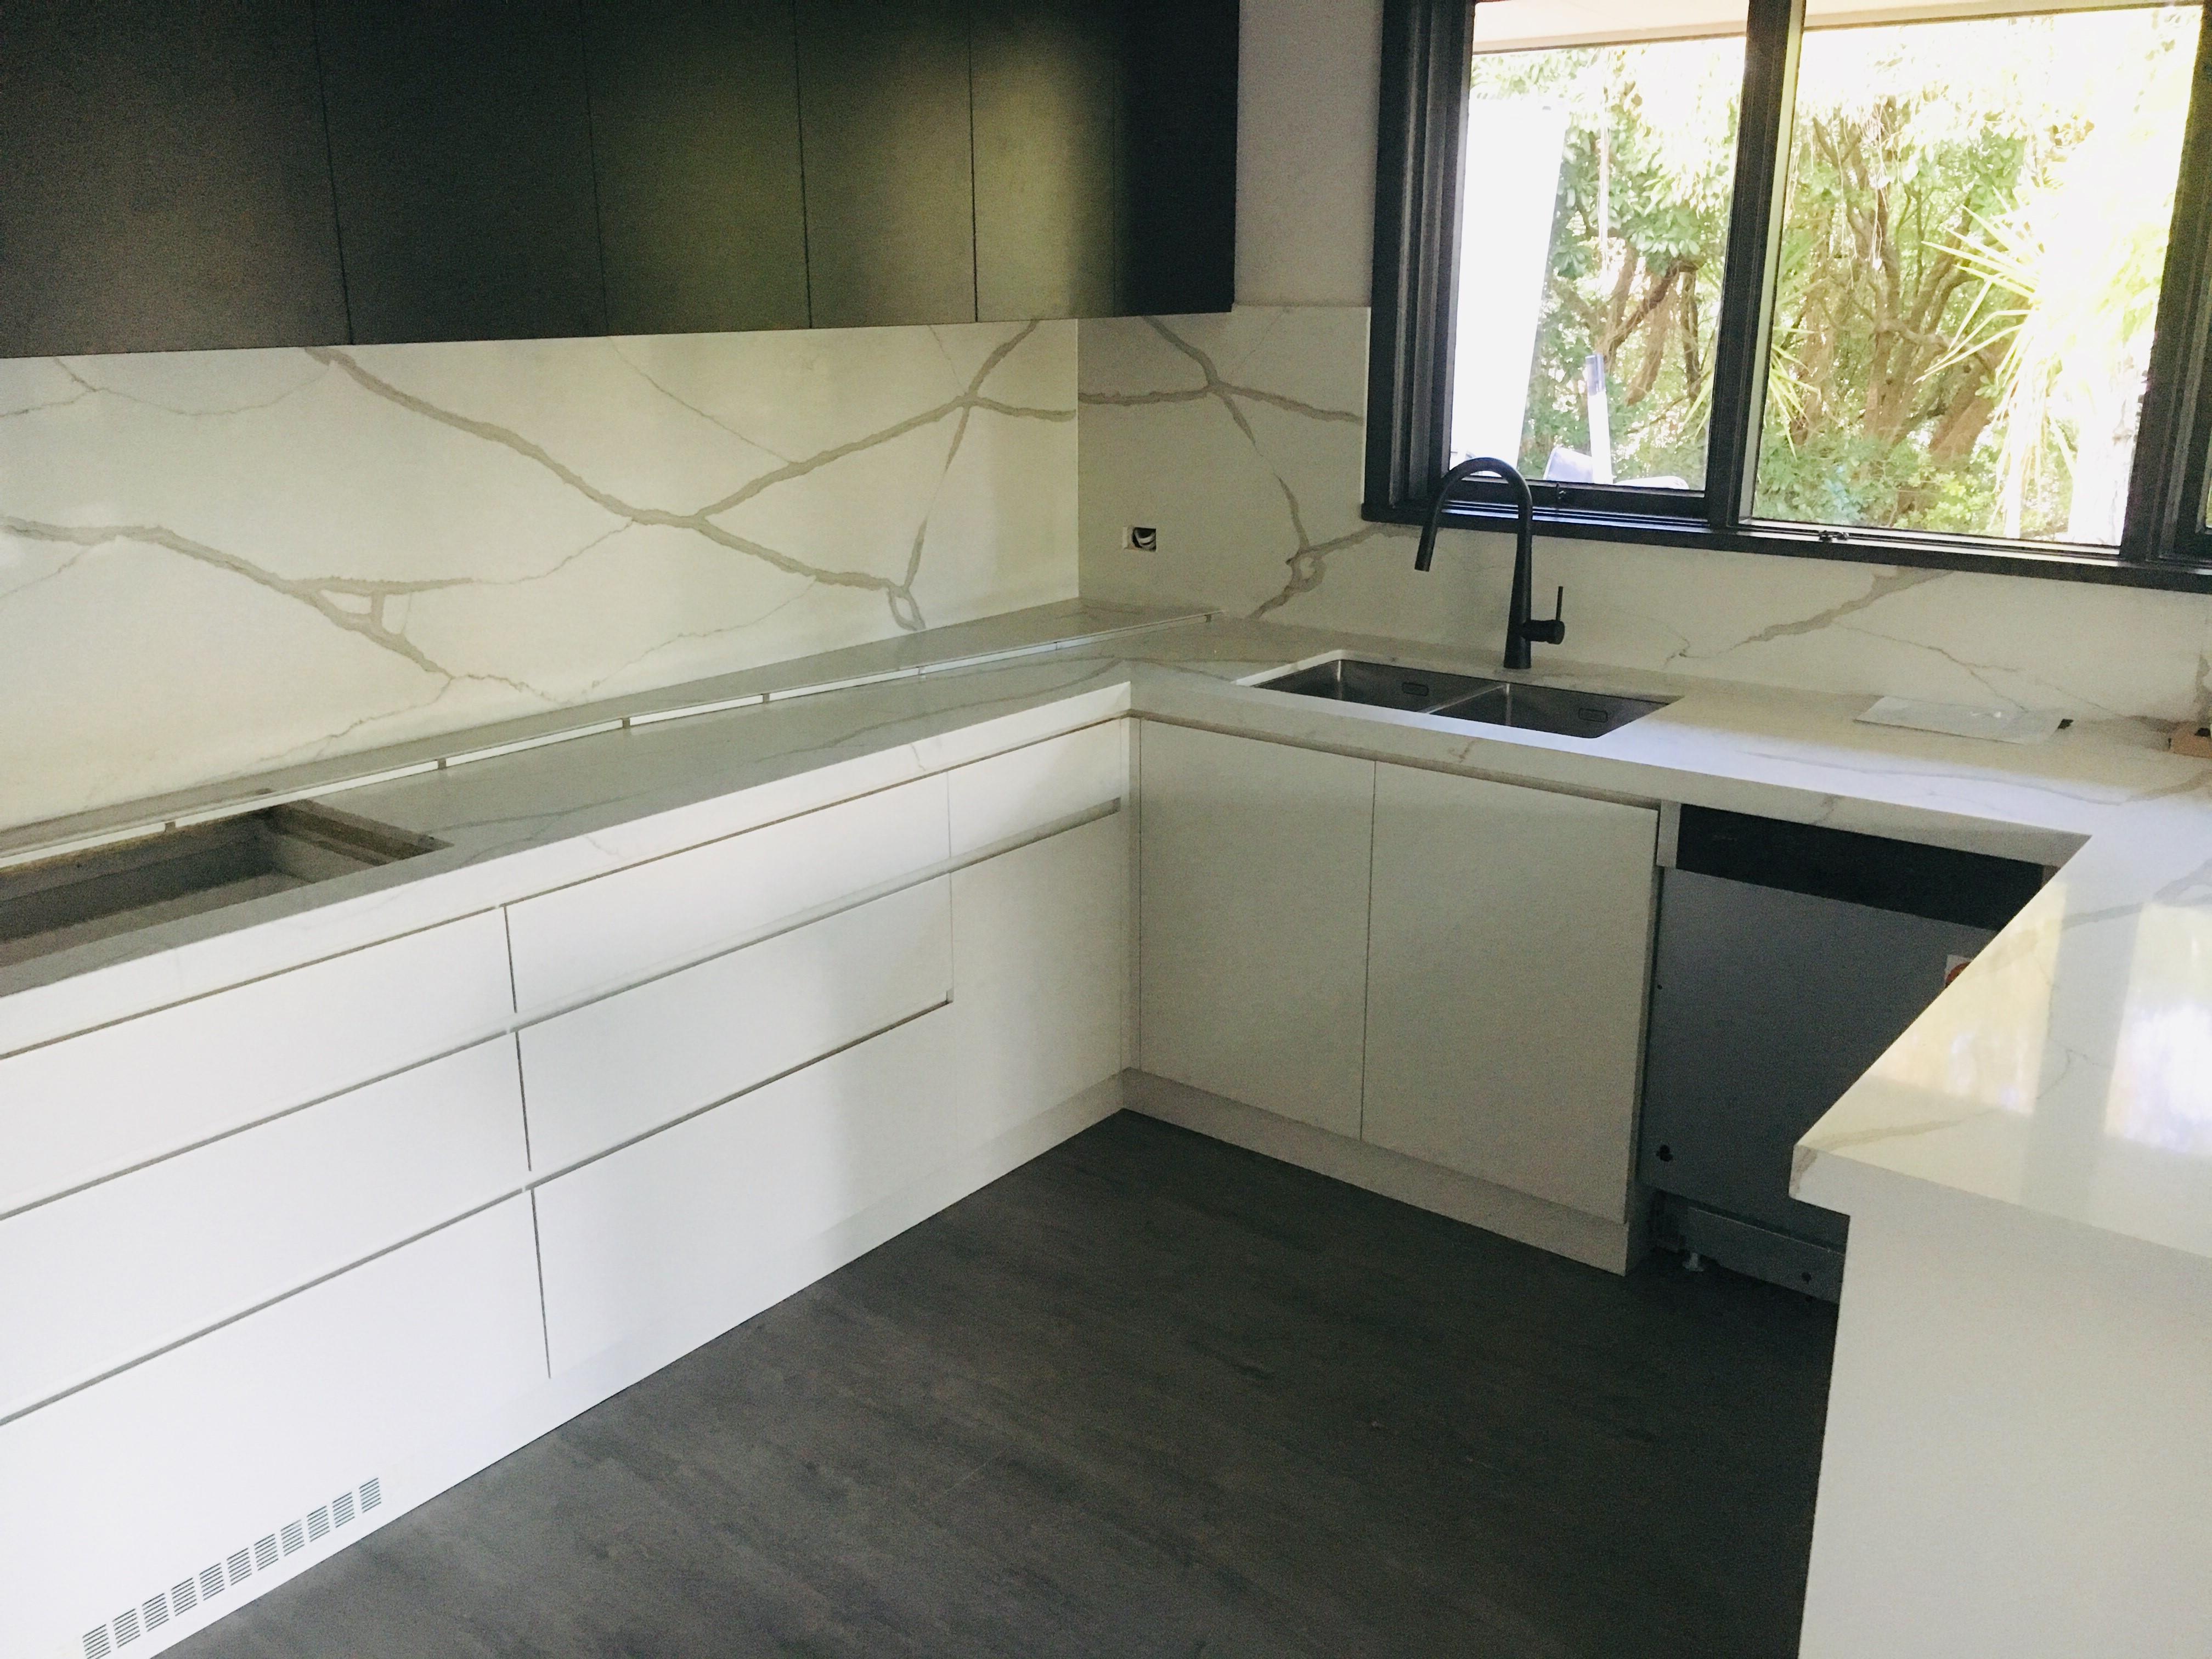 Kitchen And Bathroom Raldex Plumbing Hot Water